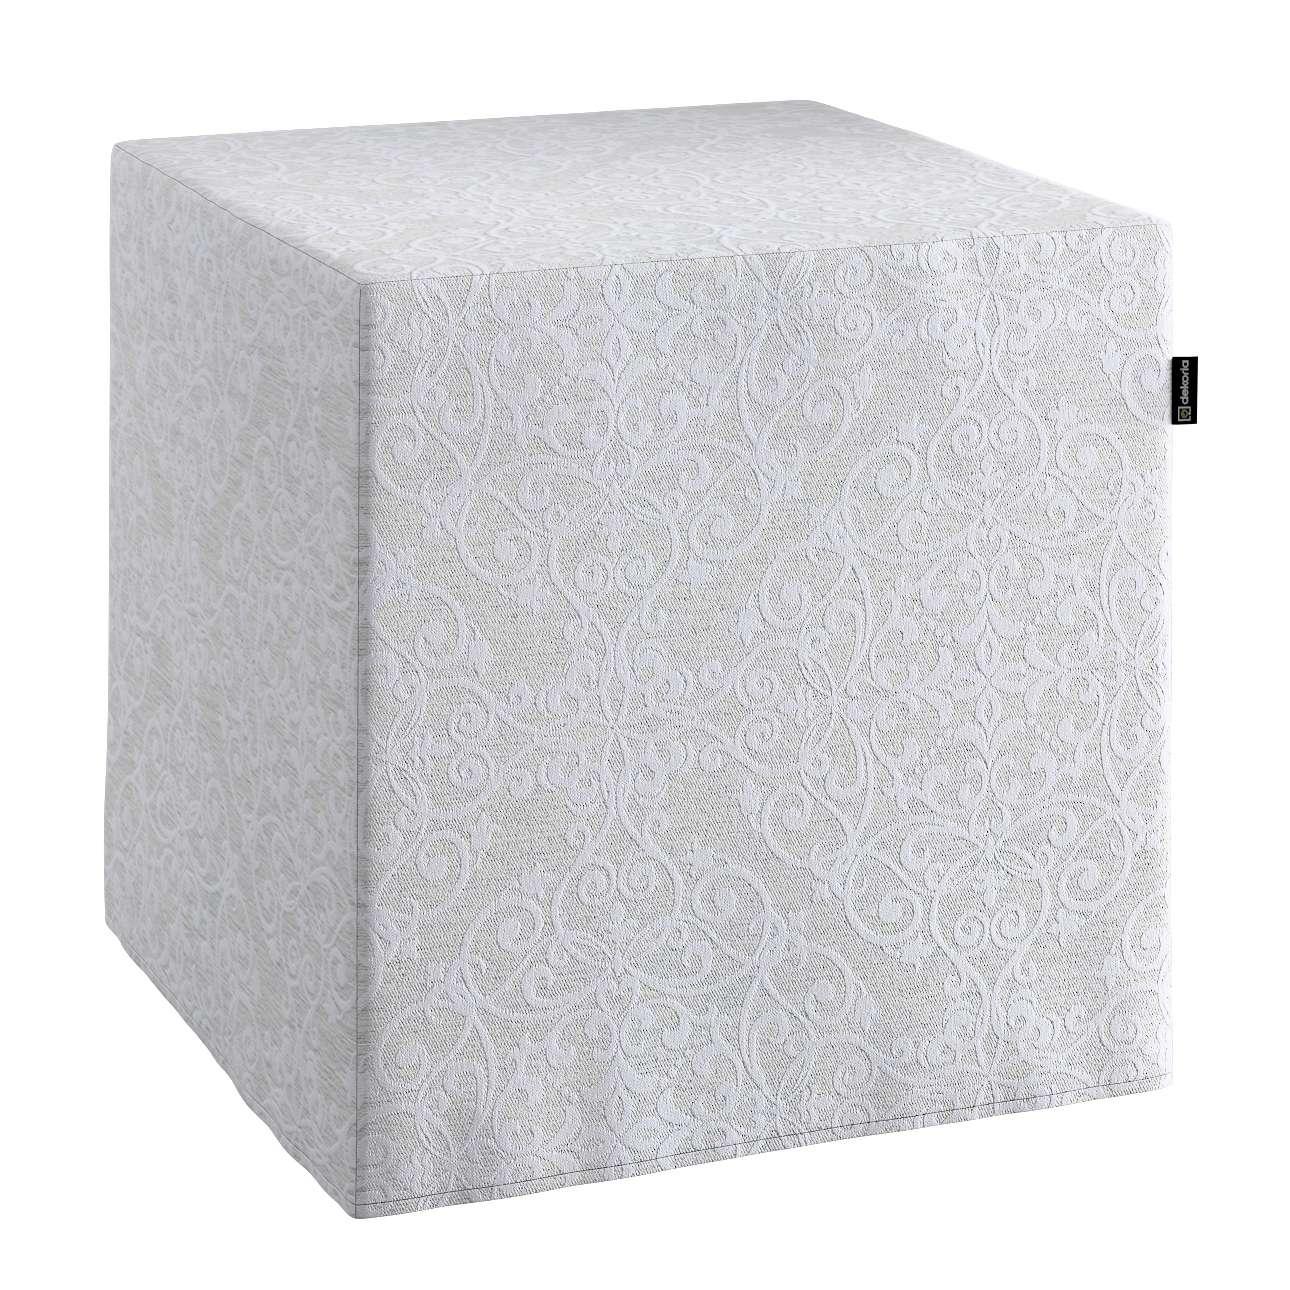 Pokrowiec na pufę kostke w kolekcji Venice, tkanina: 140-49